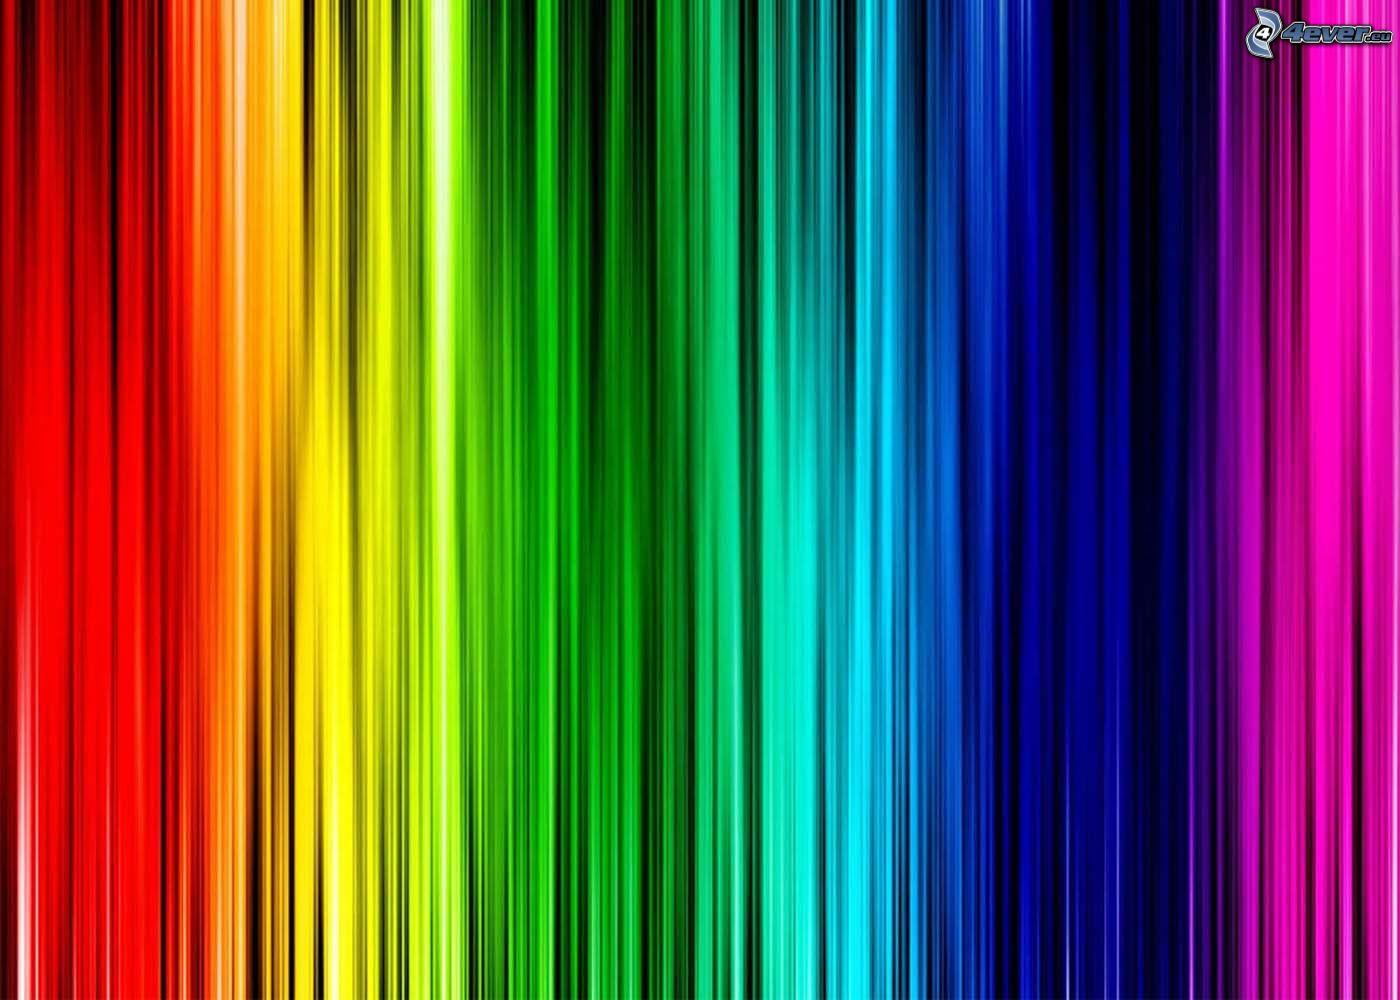 colors images rainbow colour - photo #16